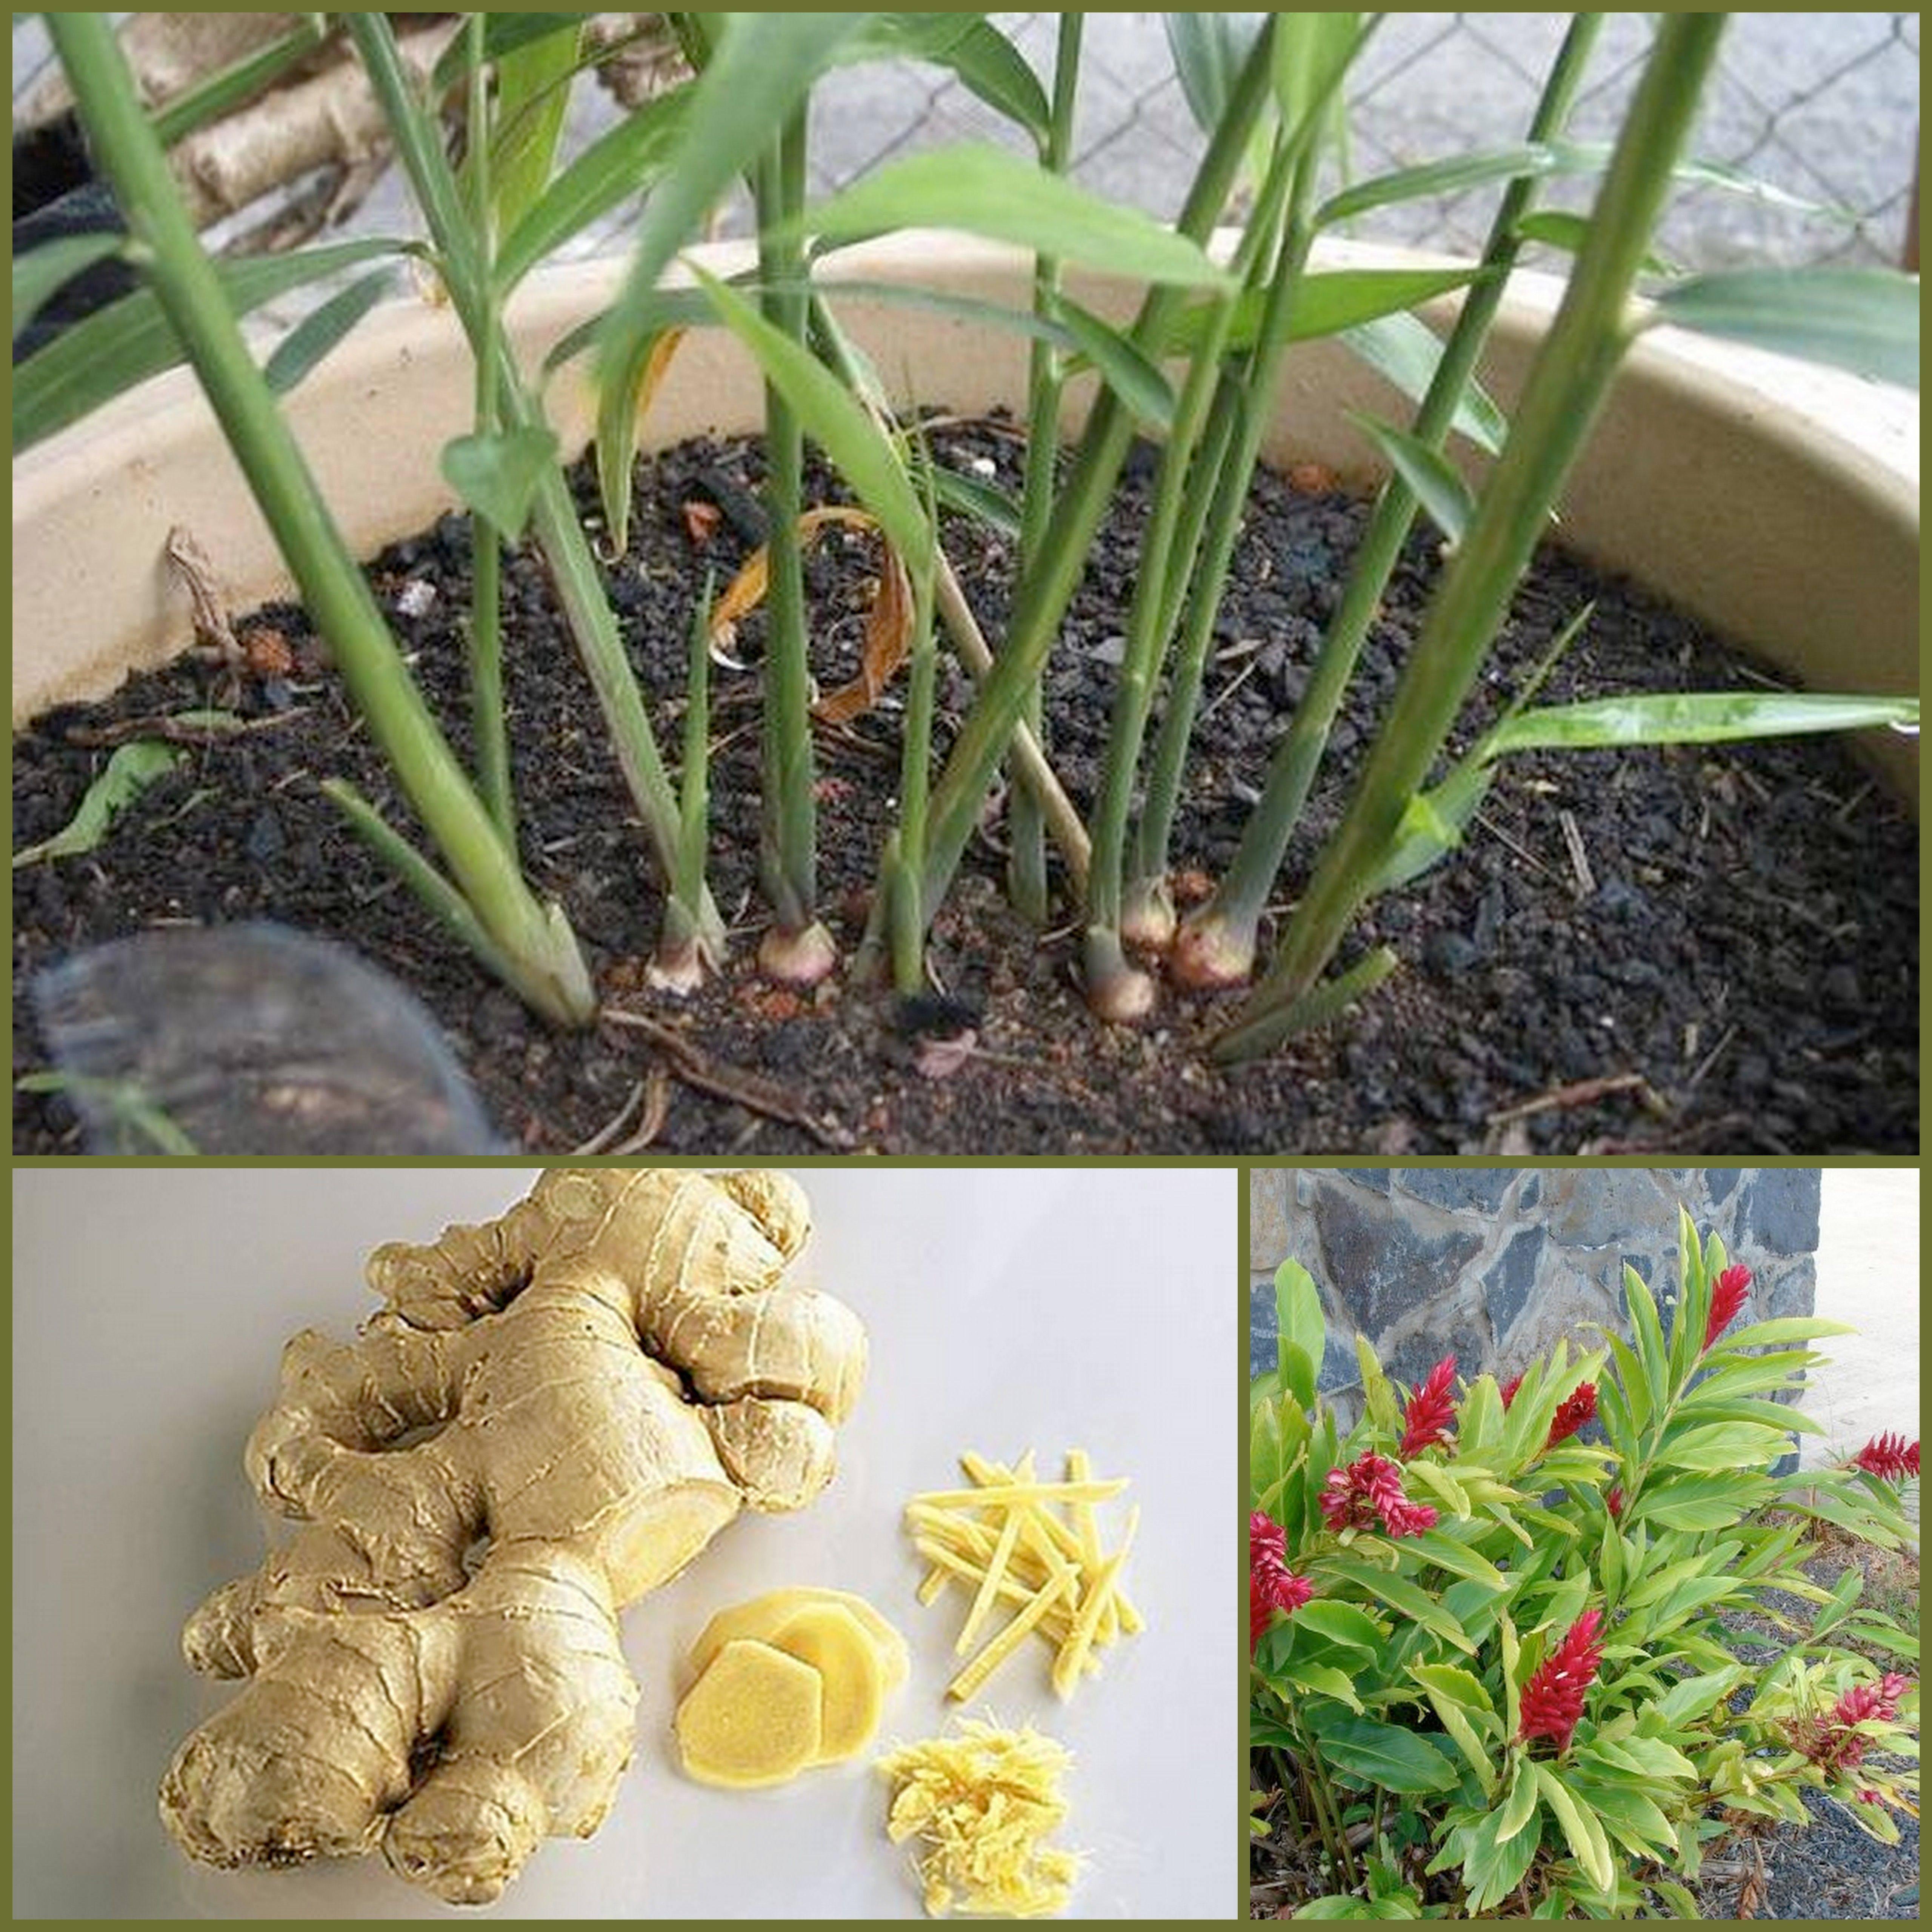 Посадка имбиря в домашних условиях и уход за растением в горшке: можно ли вырастить пряность на подоконнике из корня или семян, как правильно сажать корнеклубень и какие сорта больше подходят для дома, фото цветка